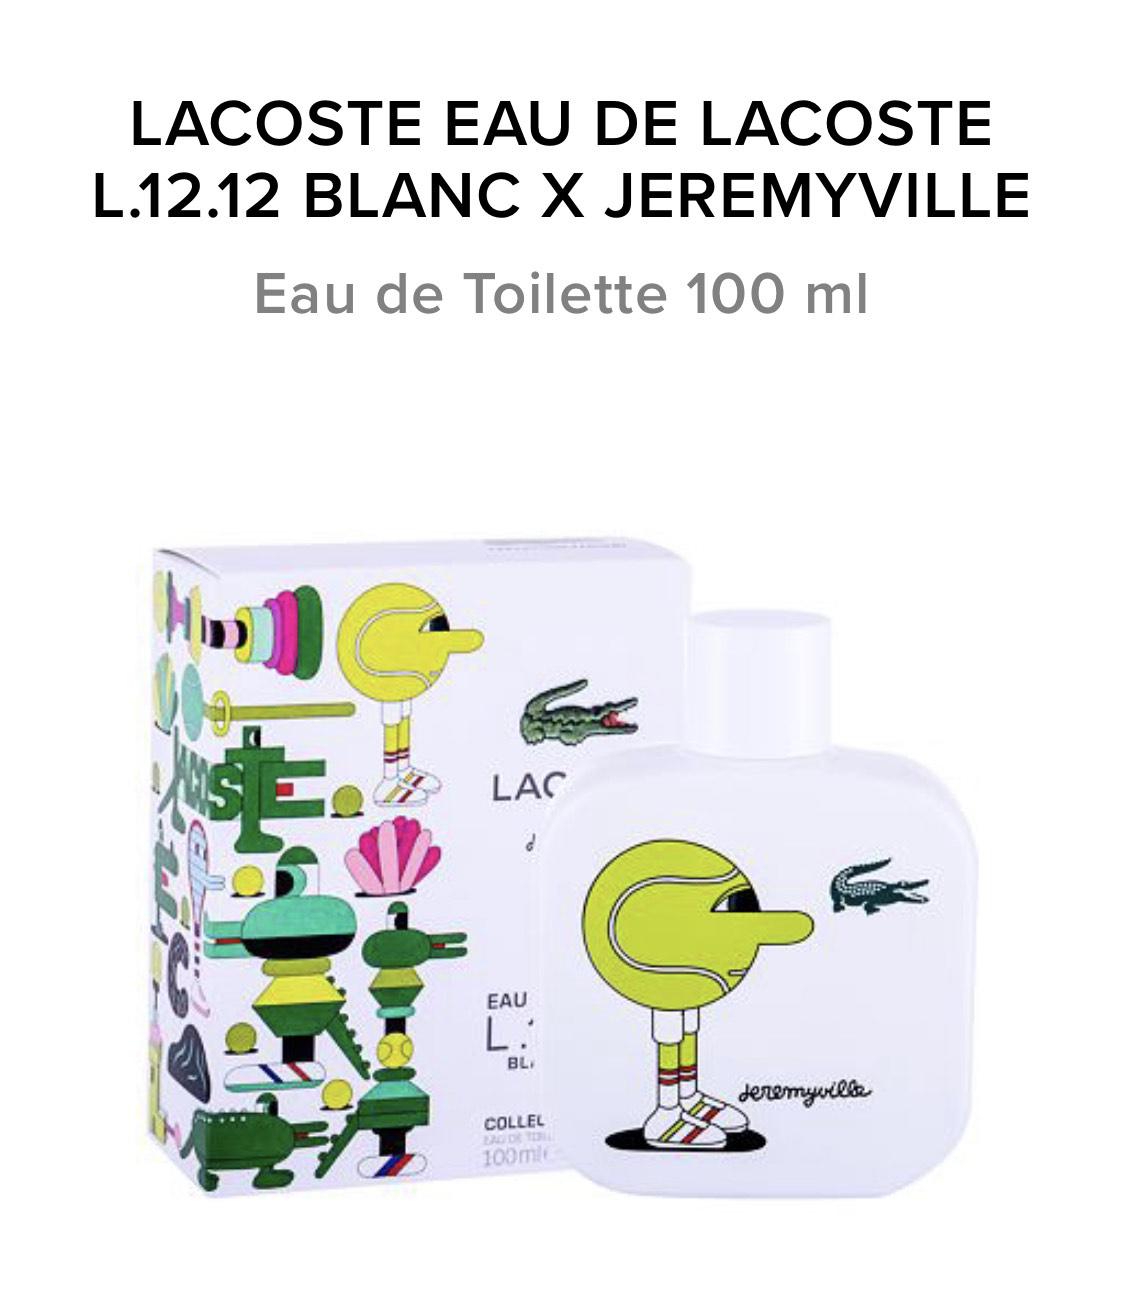 LACOSTE EAU DE LACOSTE L.12.12 BLANC X JEREMYVILLE